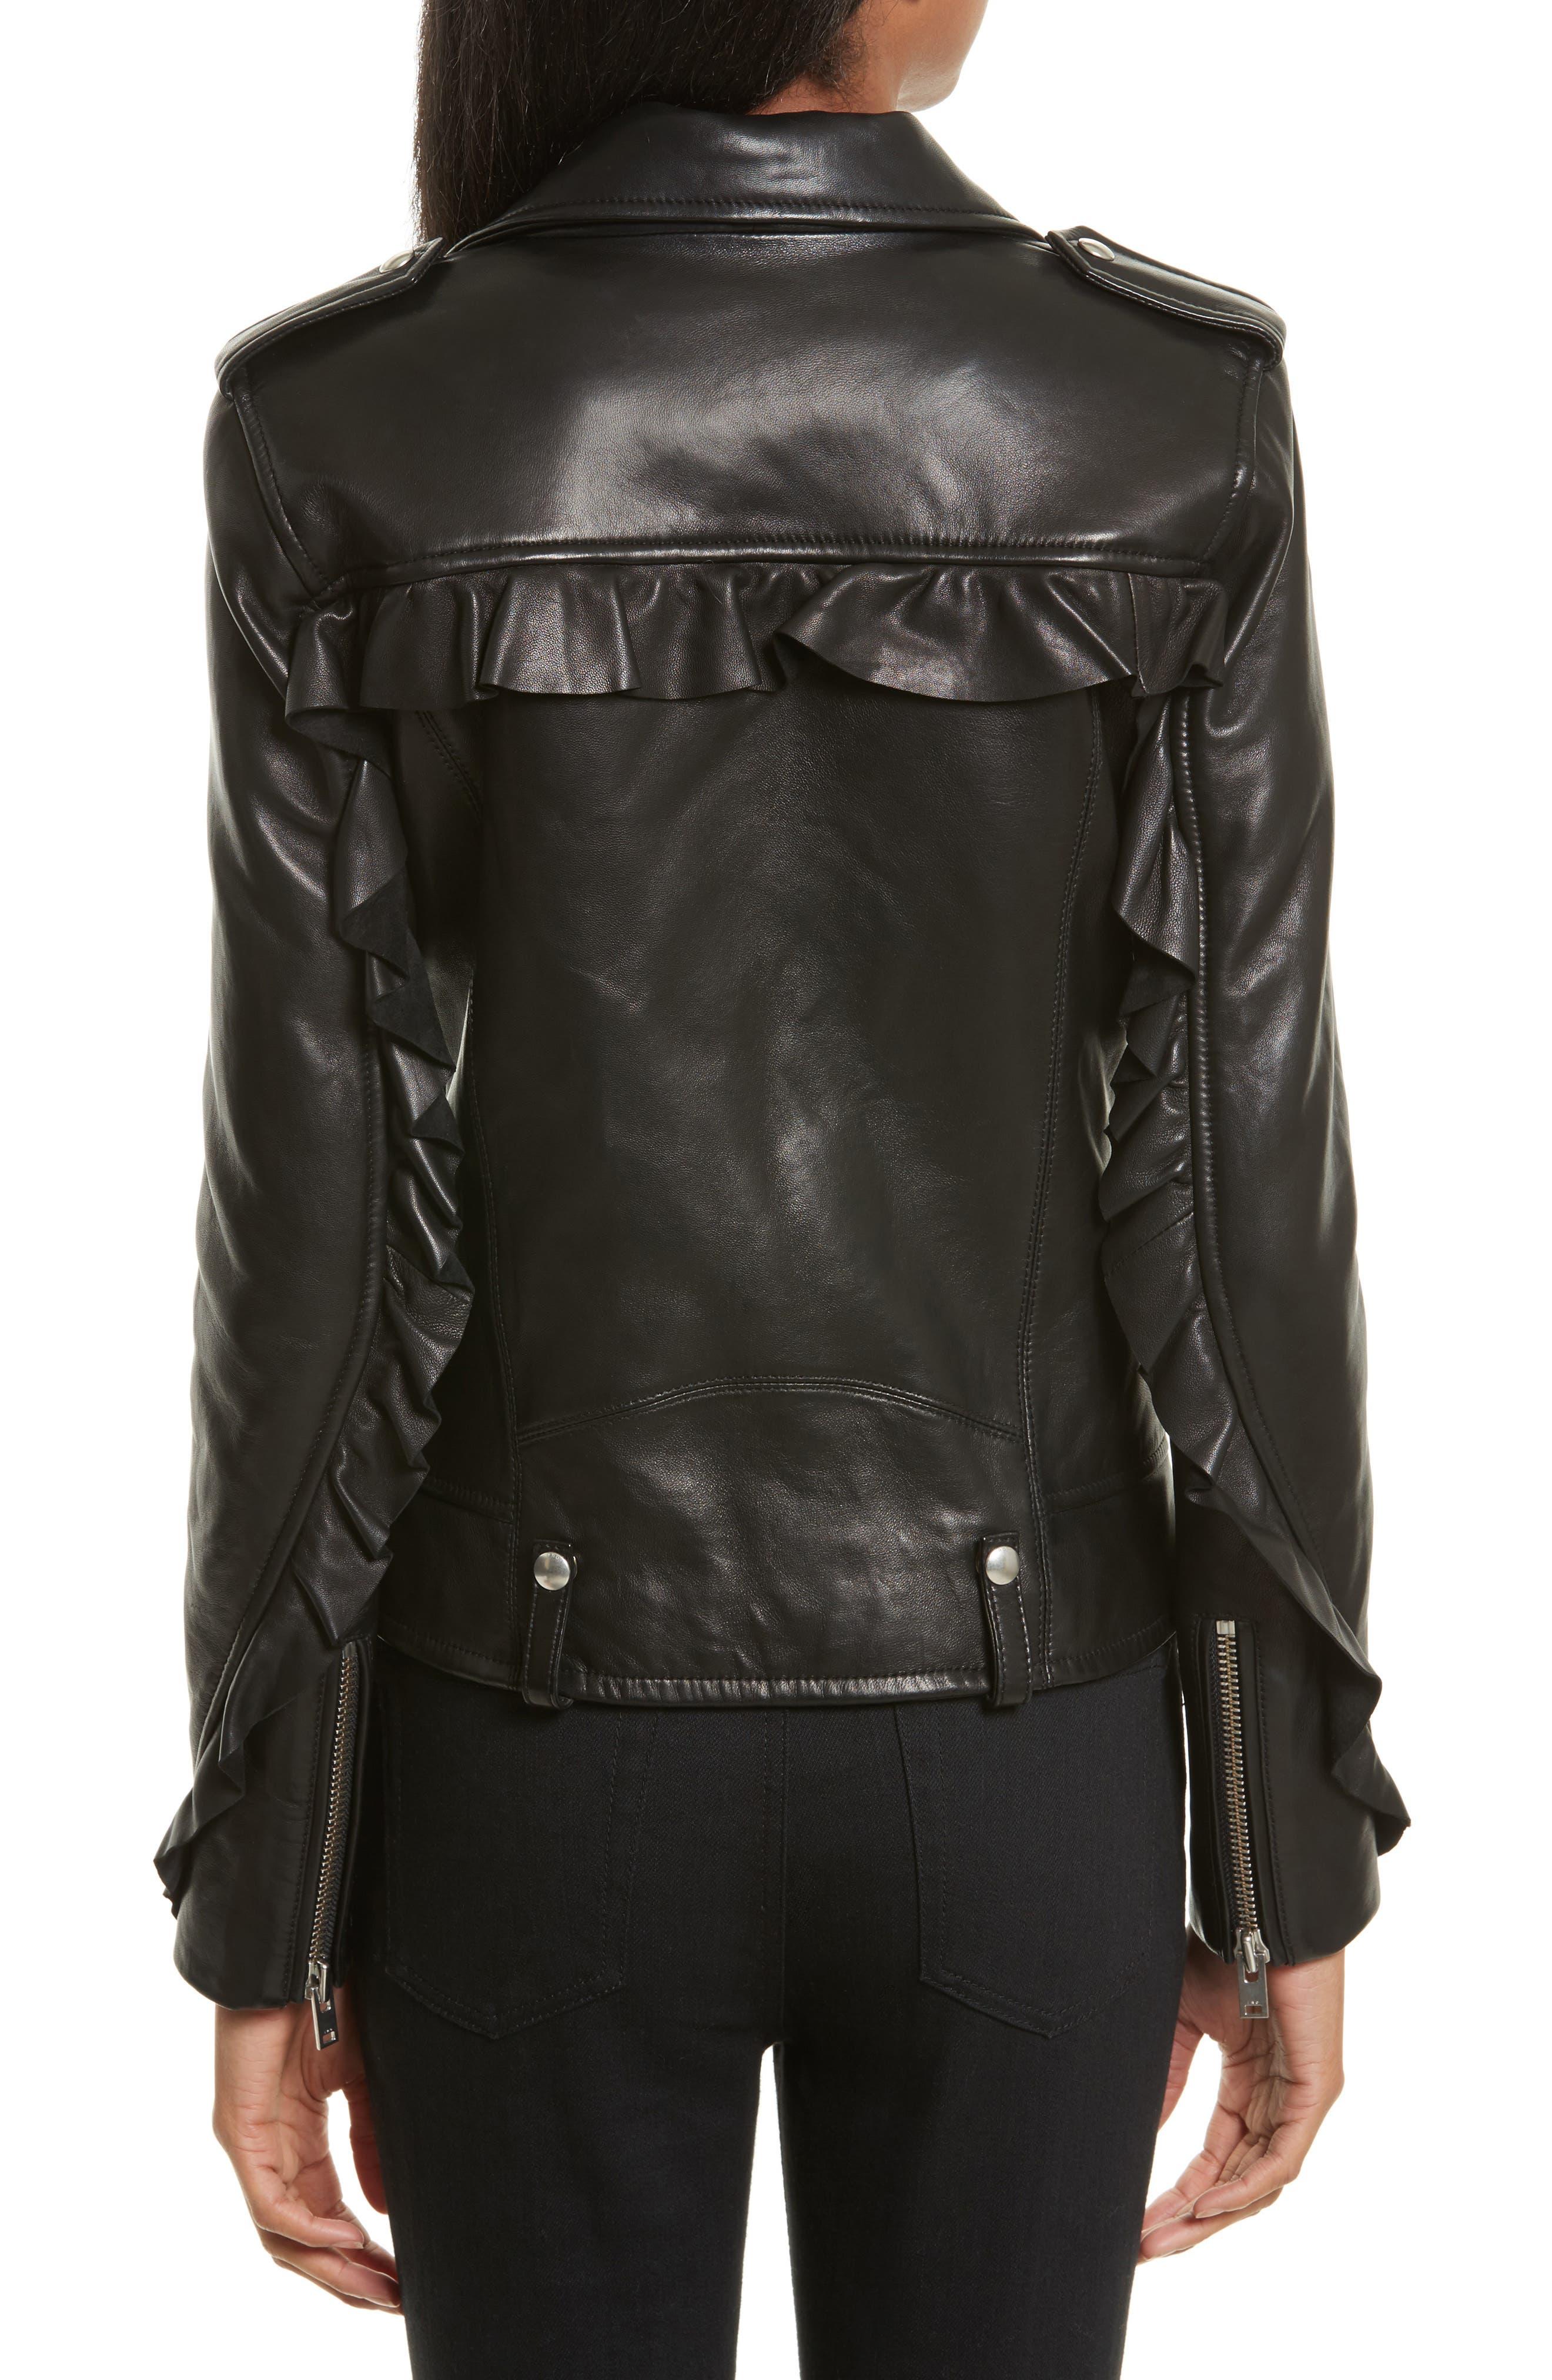 Dumont Leather Jacket,                             Alternate thumbnail 2, color,                             001